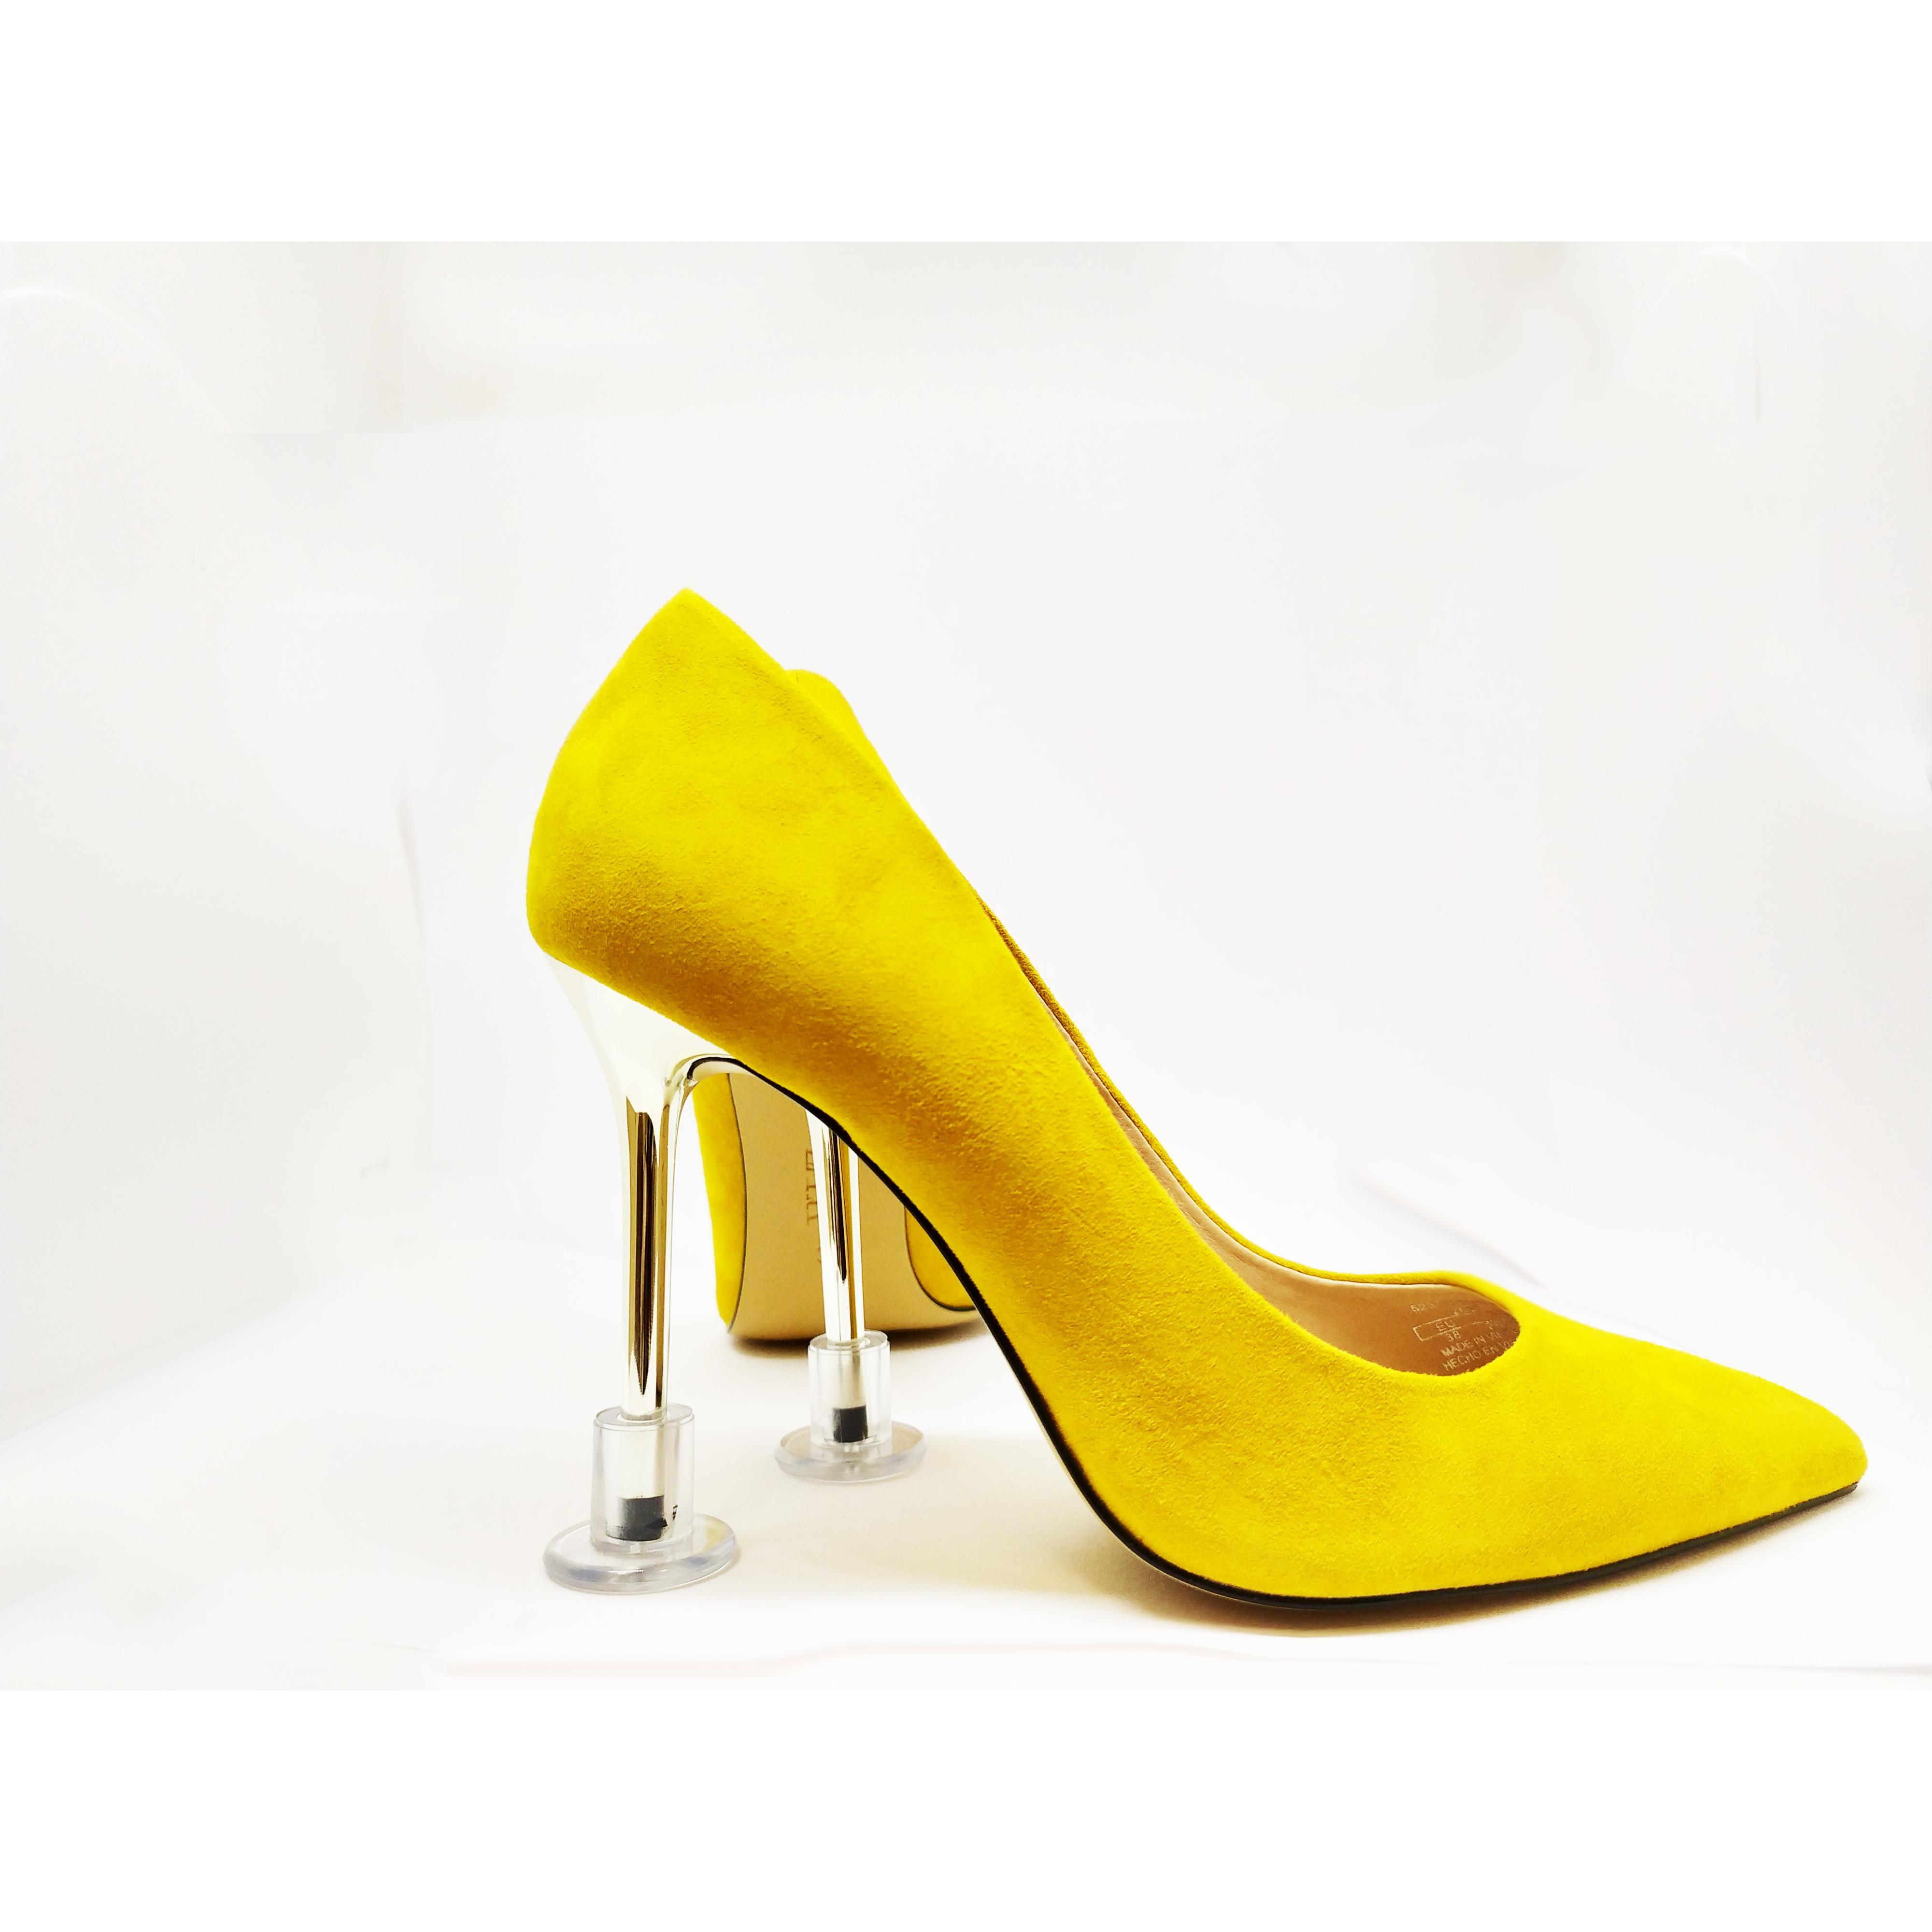 Pack Of  Heel Savers For Wedding - Heel Protector For High Heels - Wedding Details - Heel Protector For Outdoor Events